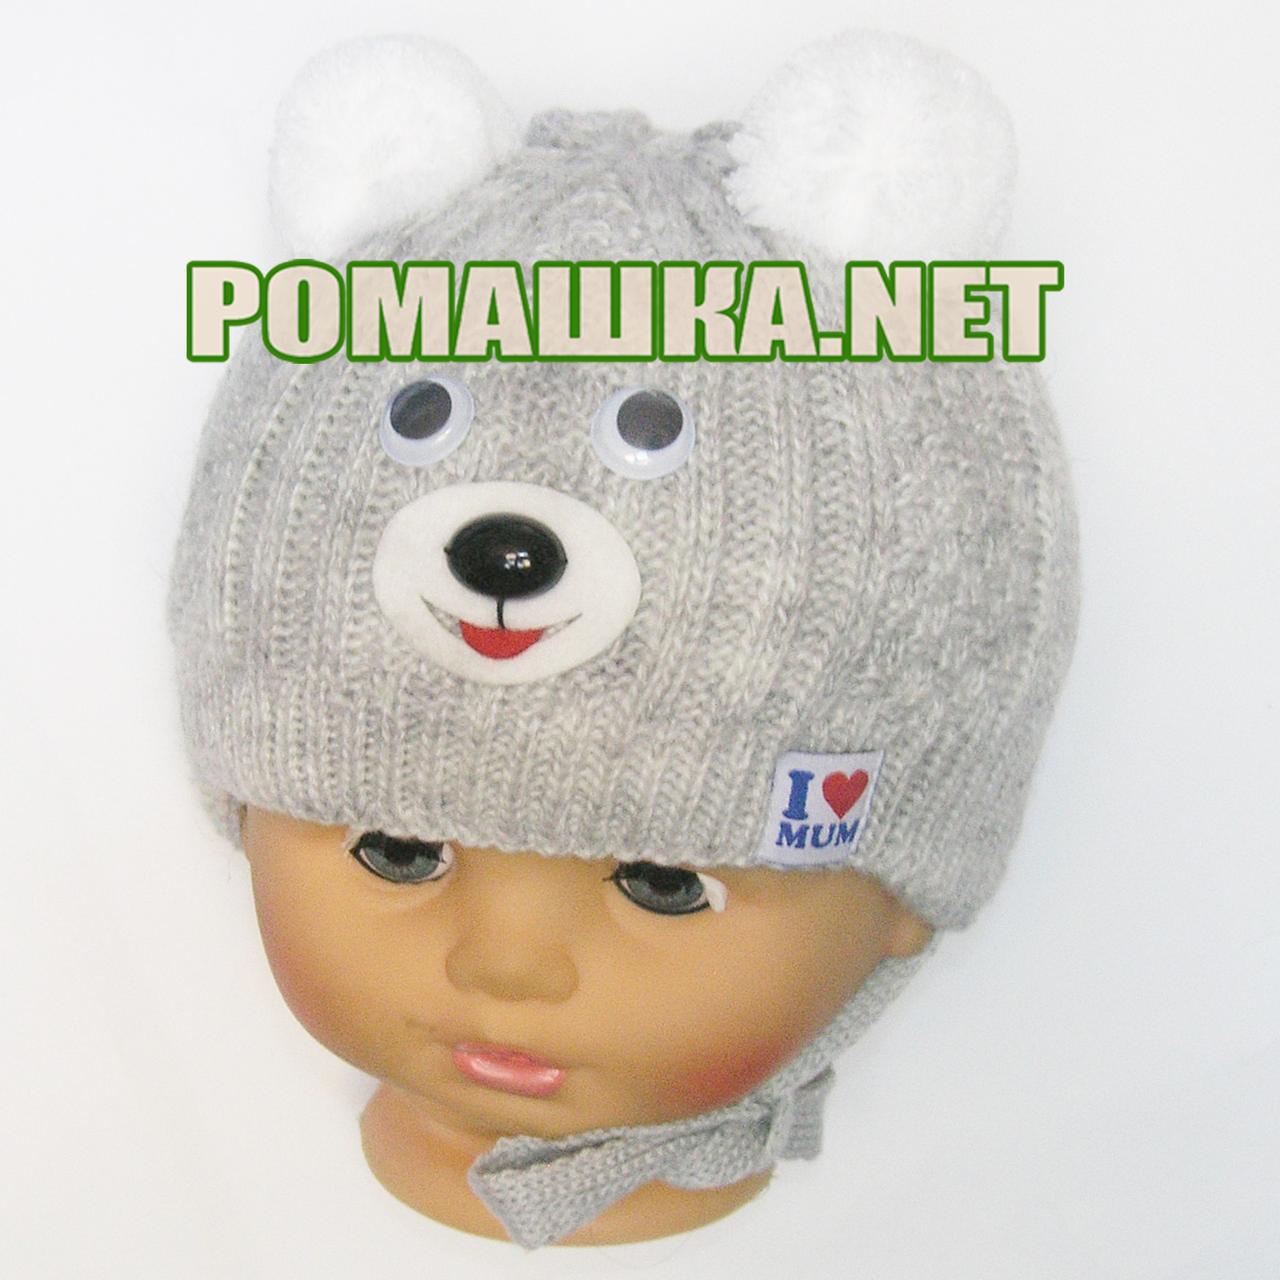 Детская зимняя вязанная шапочка р. 38 на махре с завязками для  новорожденного 3312 Серый e22d8c0c32a70